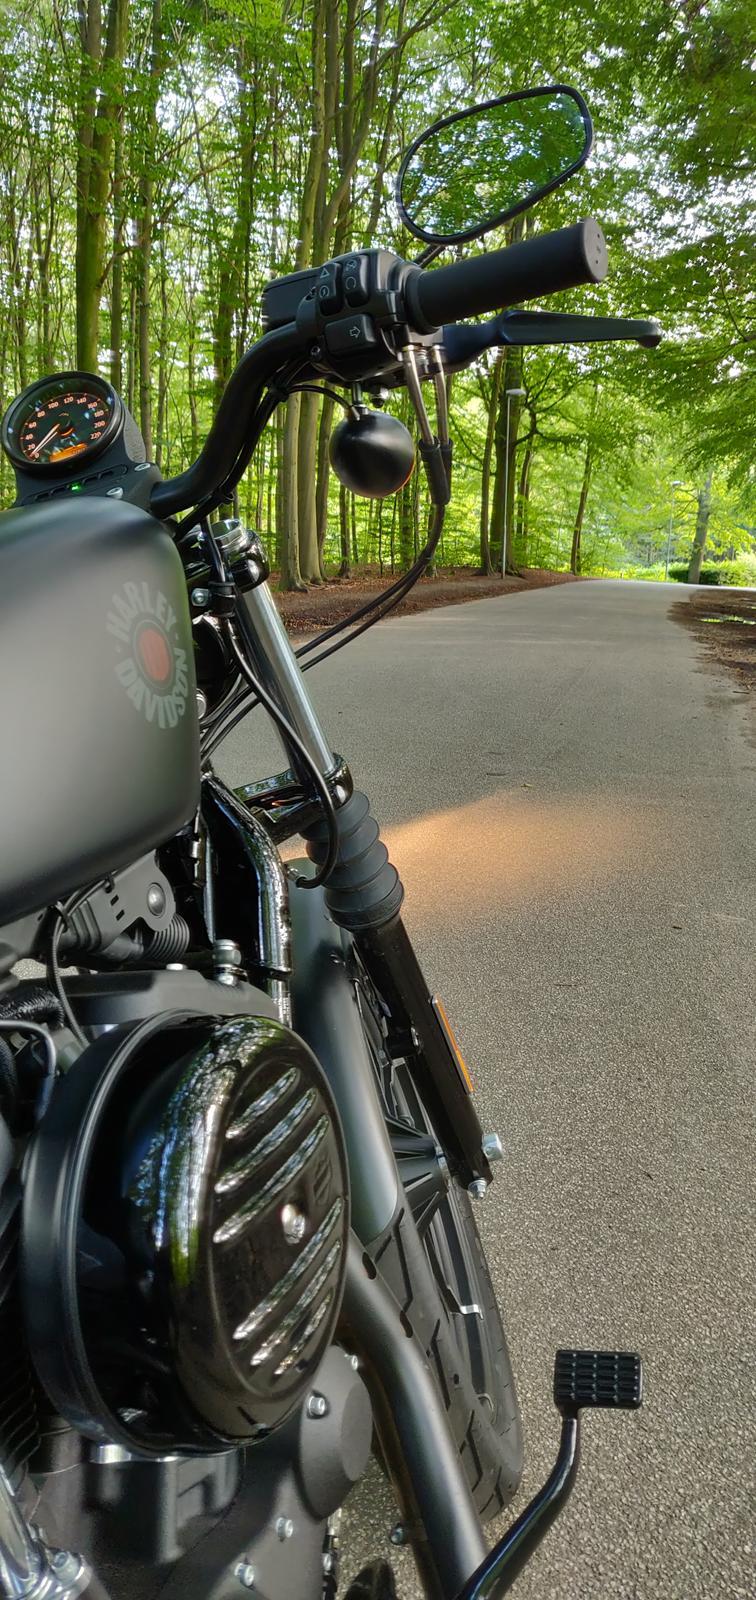 Harley Davidson XL883N billede 2